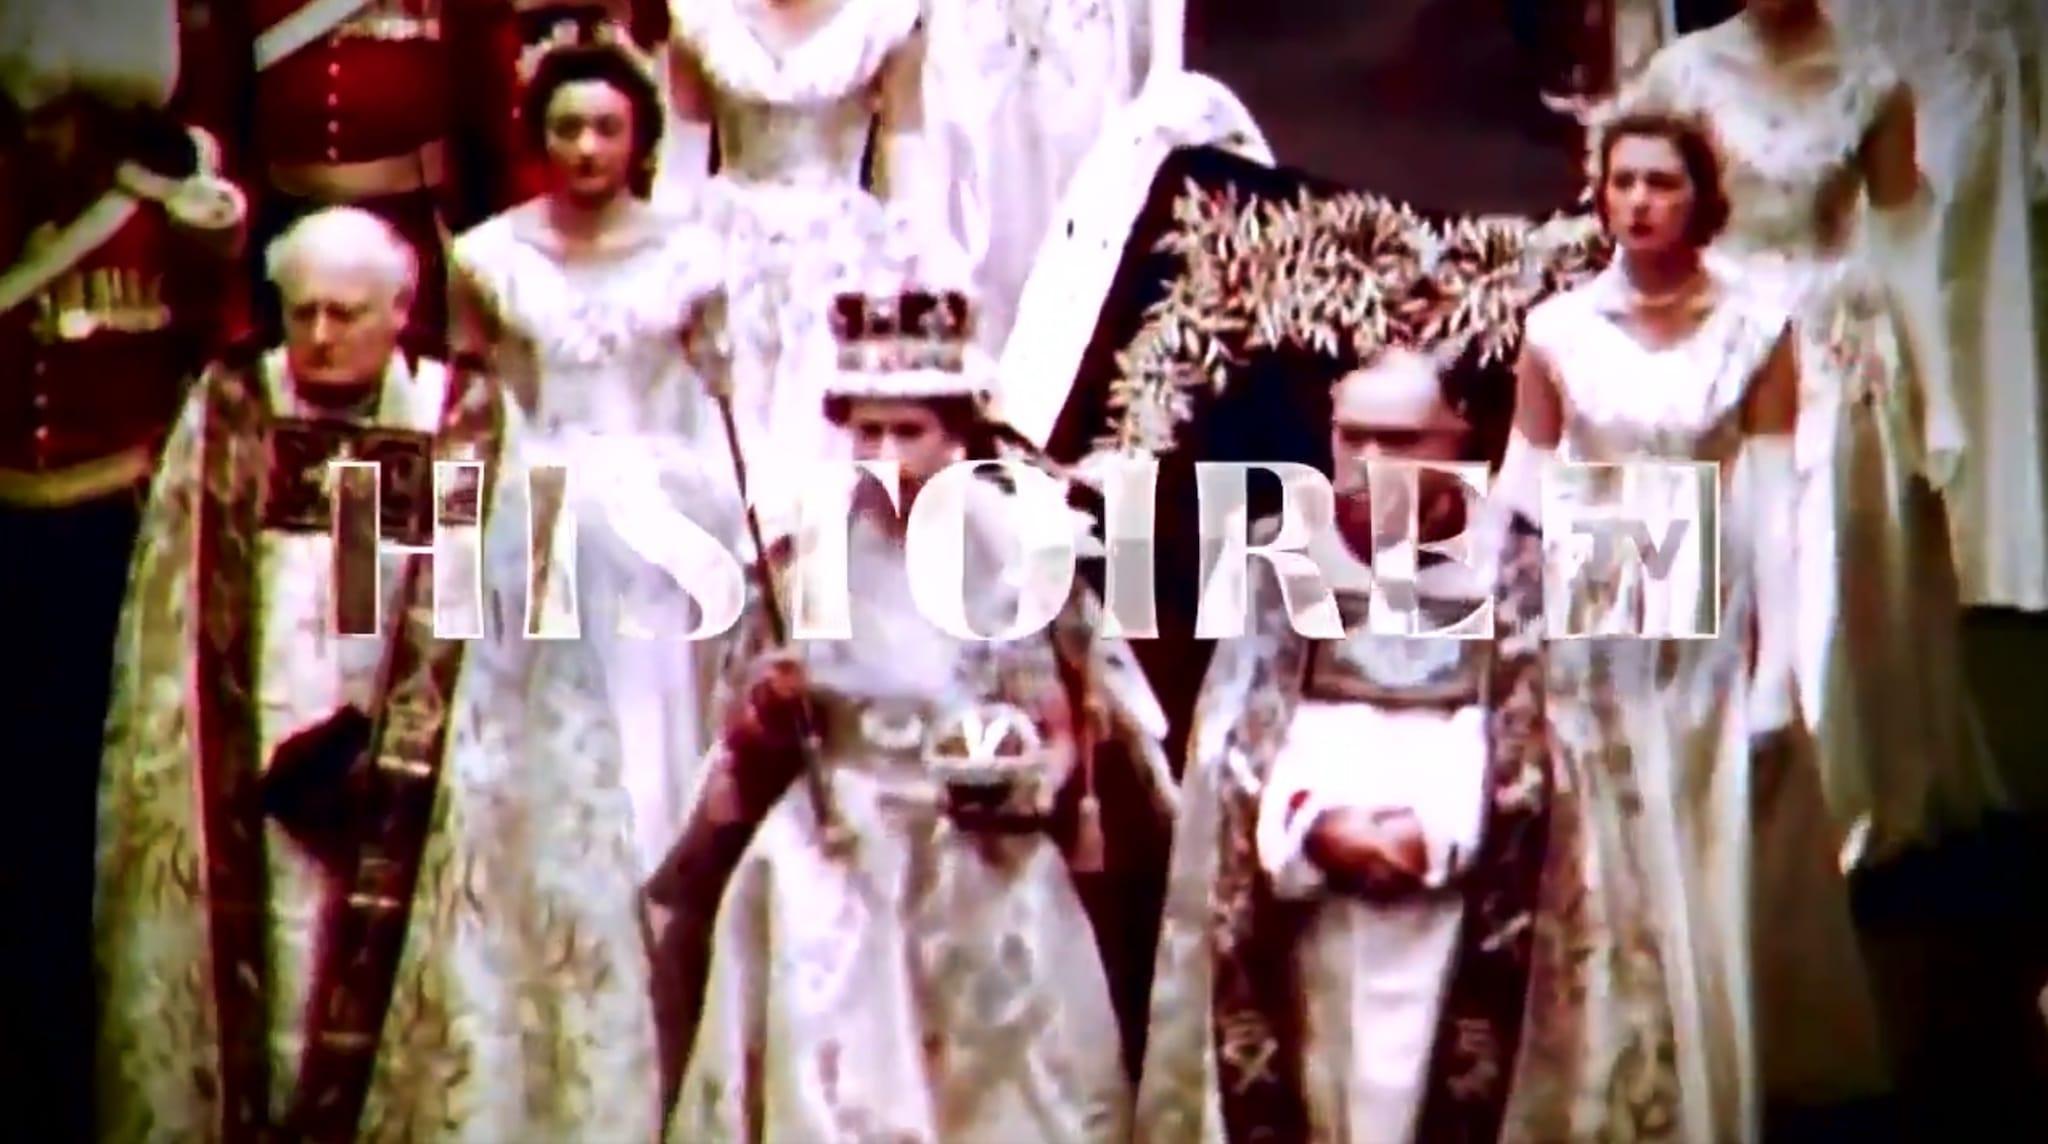 Élisabeth II (2017) capture d'écran twitter histoire tv image série documentaire